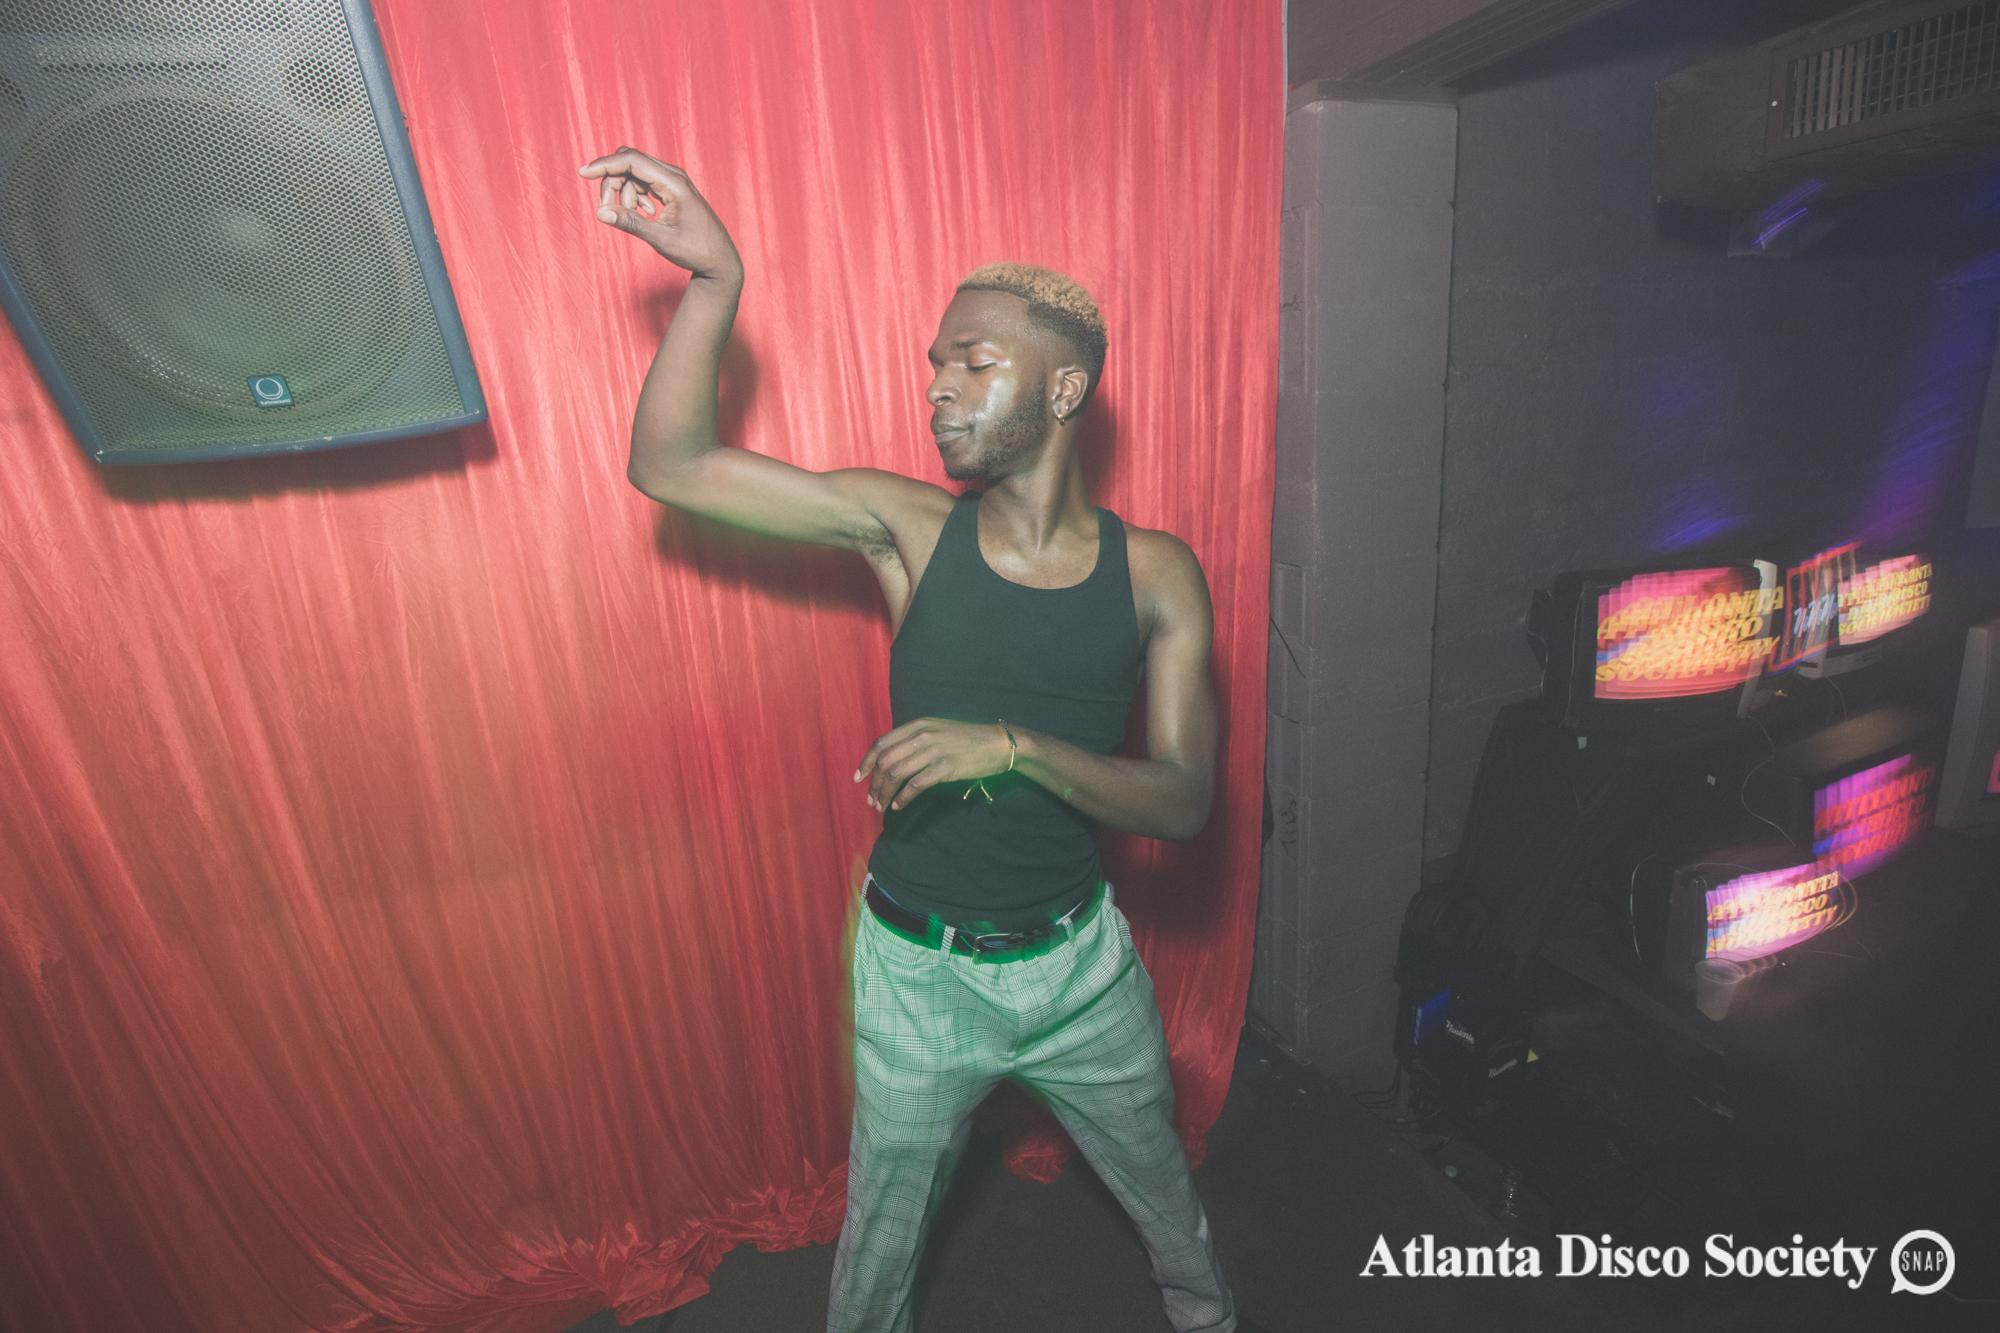 109Atlanta Disco Society Grace Kelly Oh Snap Kid 7.27.19.jpg